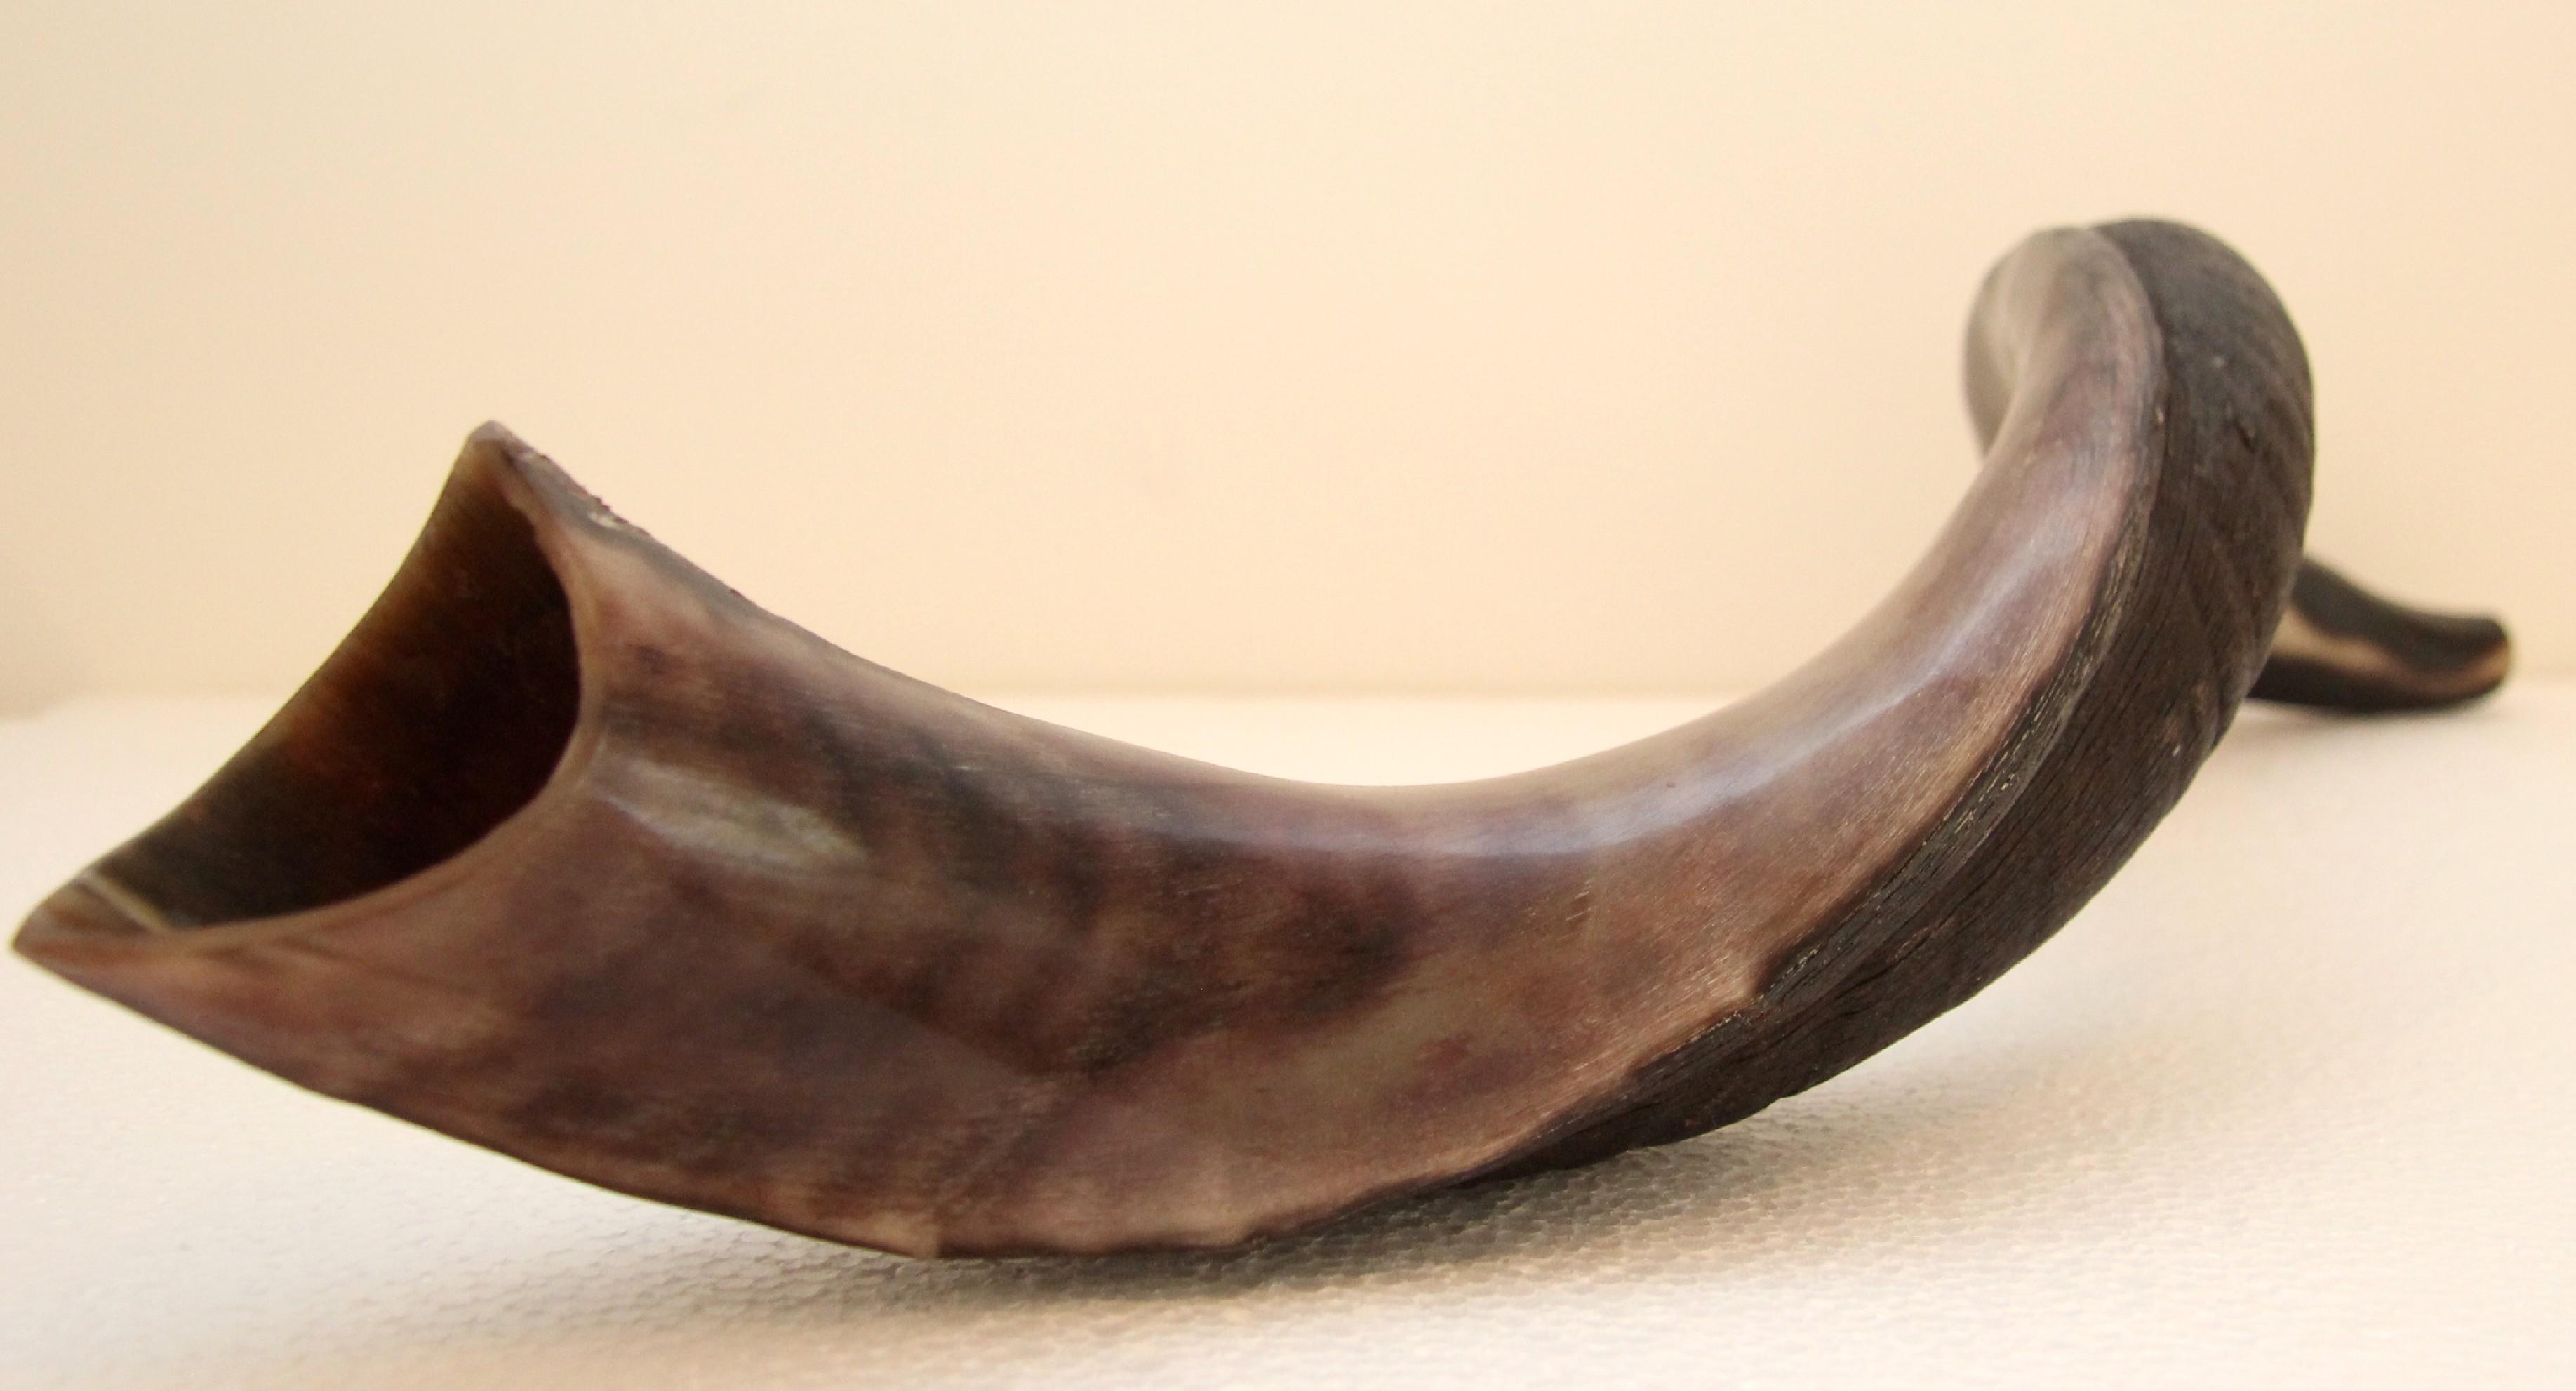 Šofar